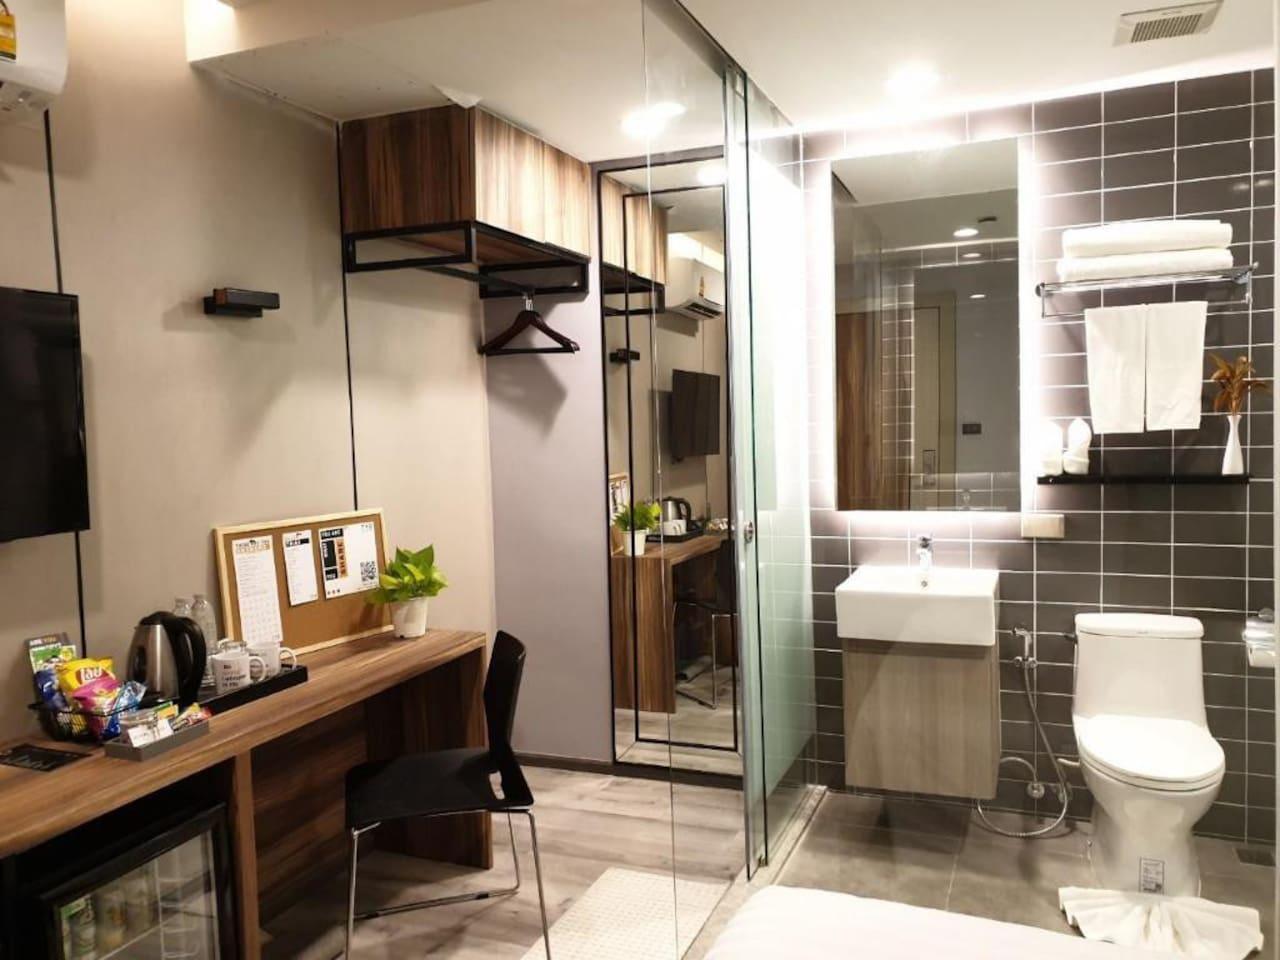 Comfortable room 10 minutes to BTS Phrom Pong อพาร์ตเมนต์ 1 ห้องนอน 1 ห้องน้ำส่วนตัว ขนาด 15 ตร.ม. – สุขุมวิท